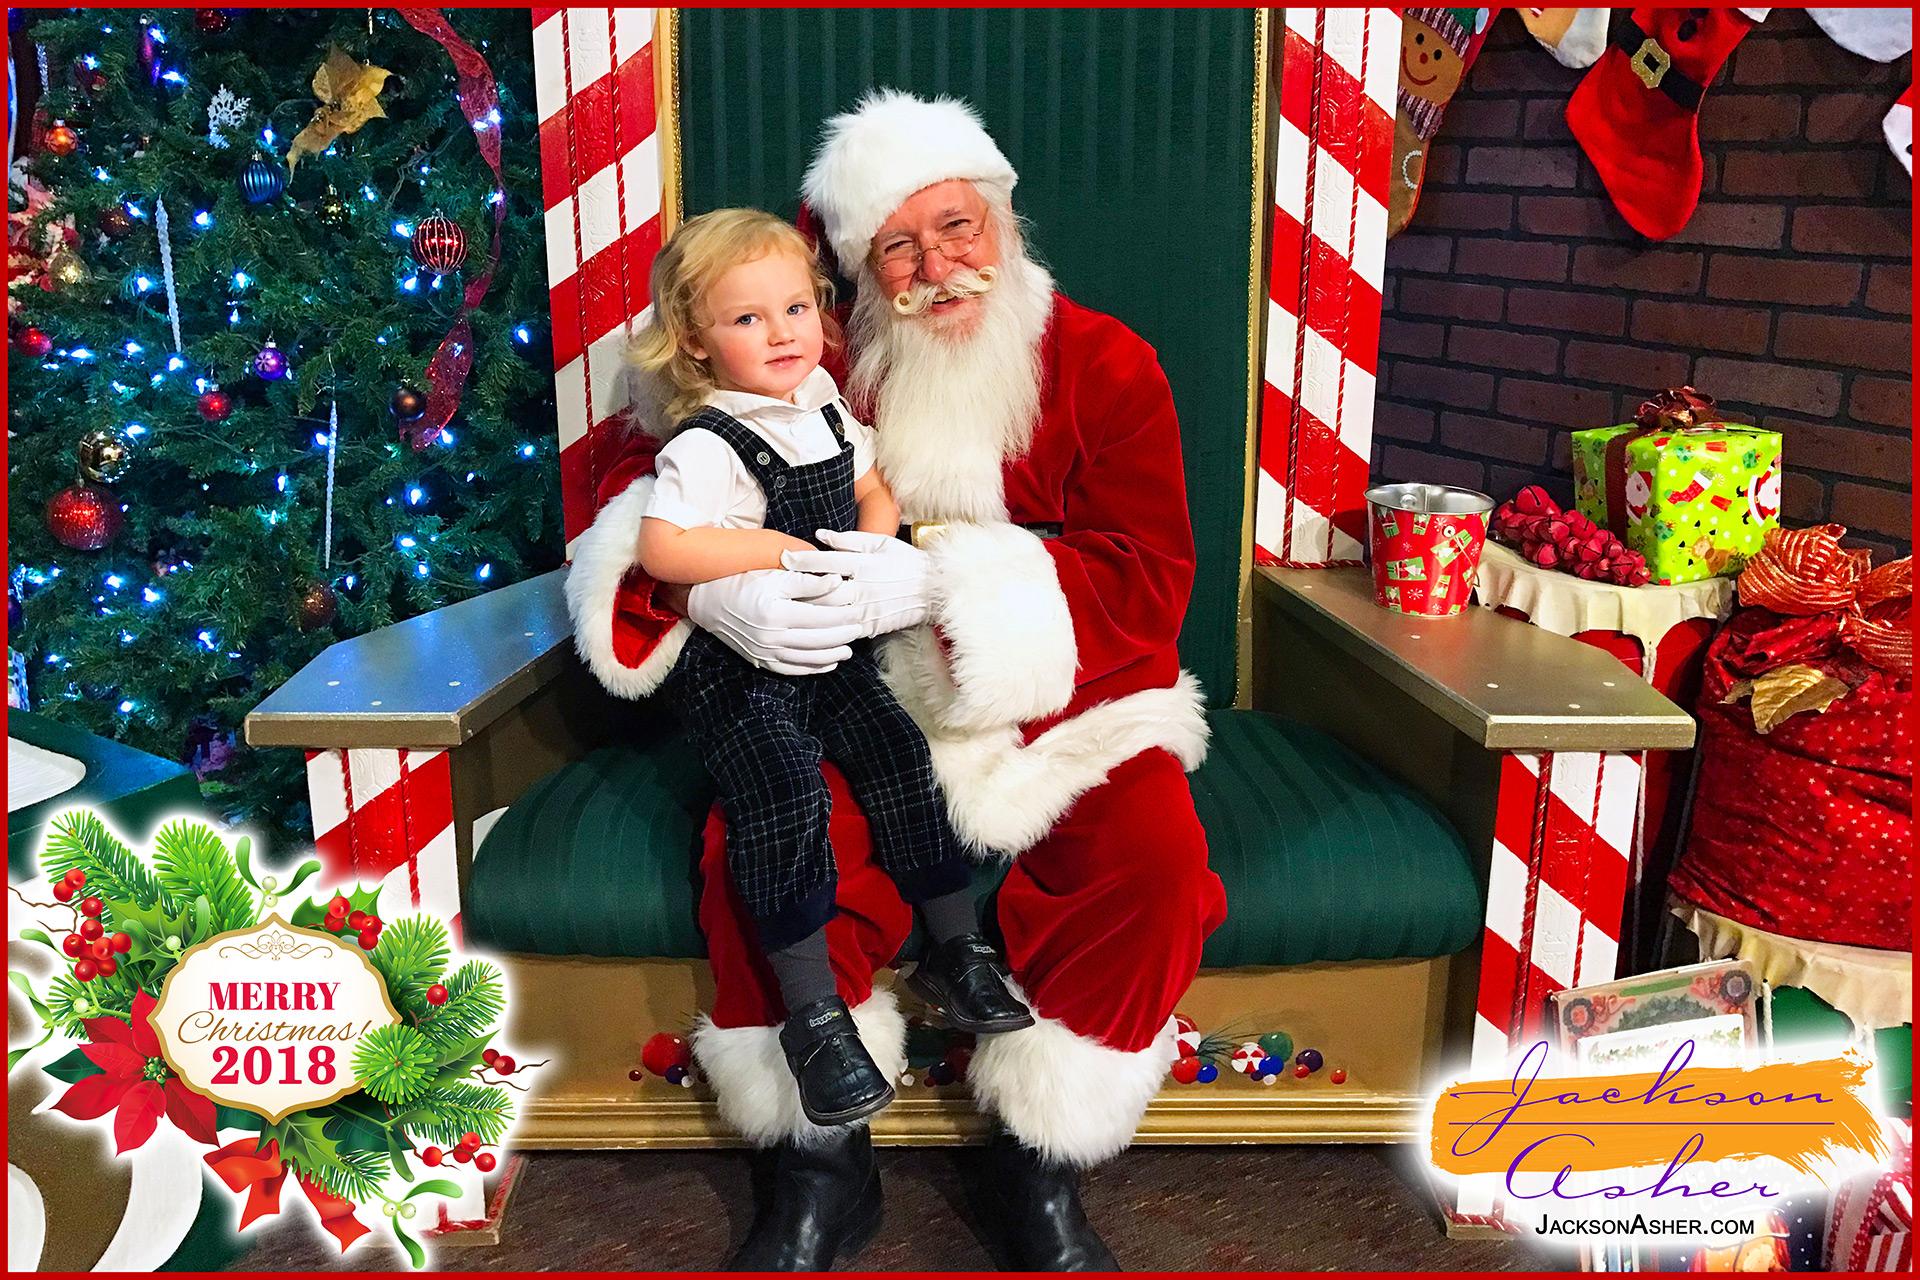 Jackson-Asher-Christmas2018-1.jpg